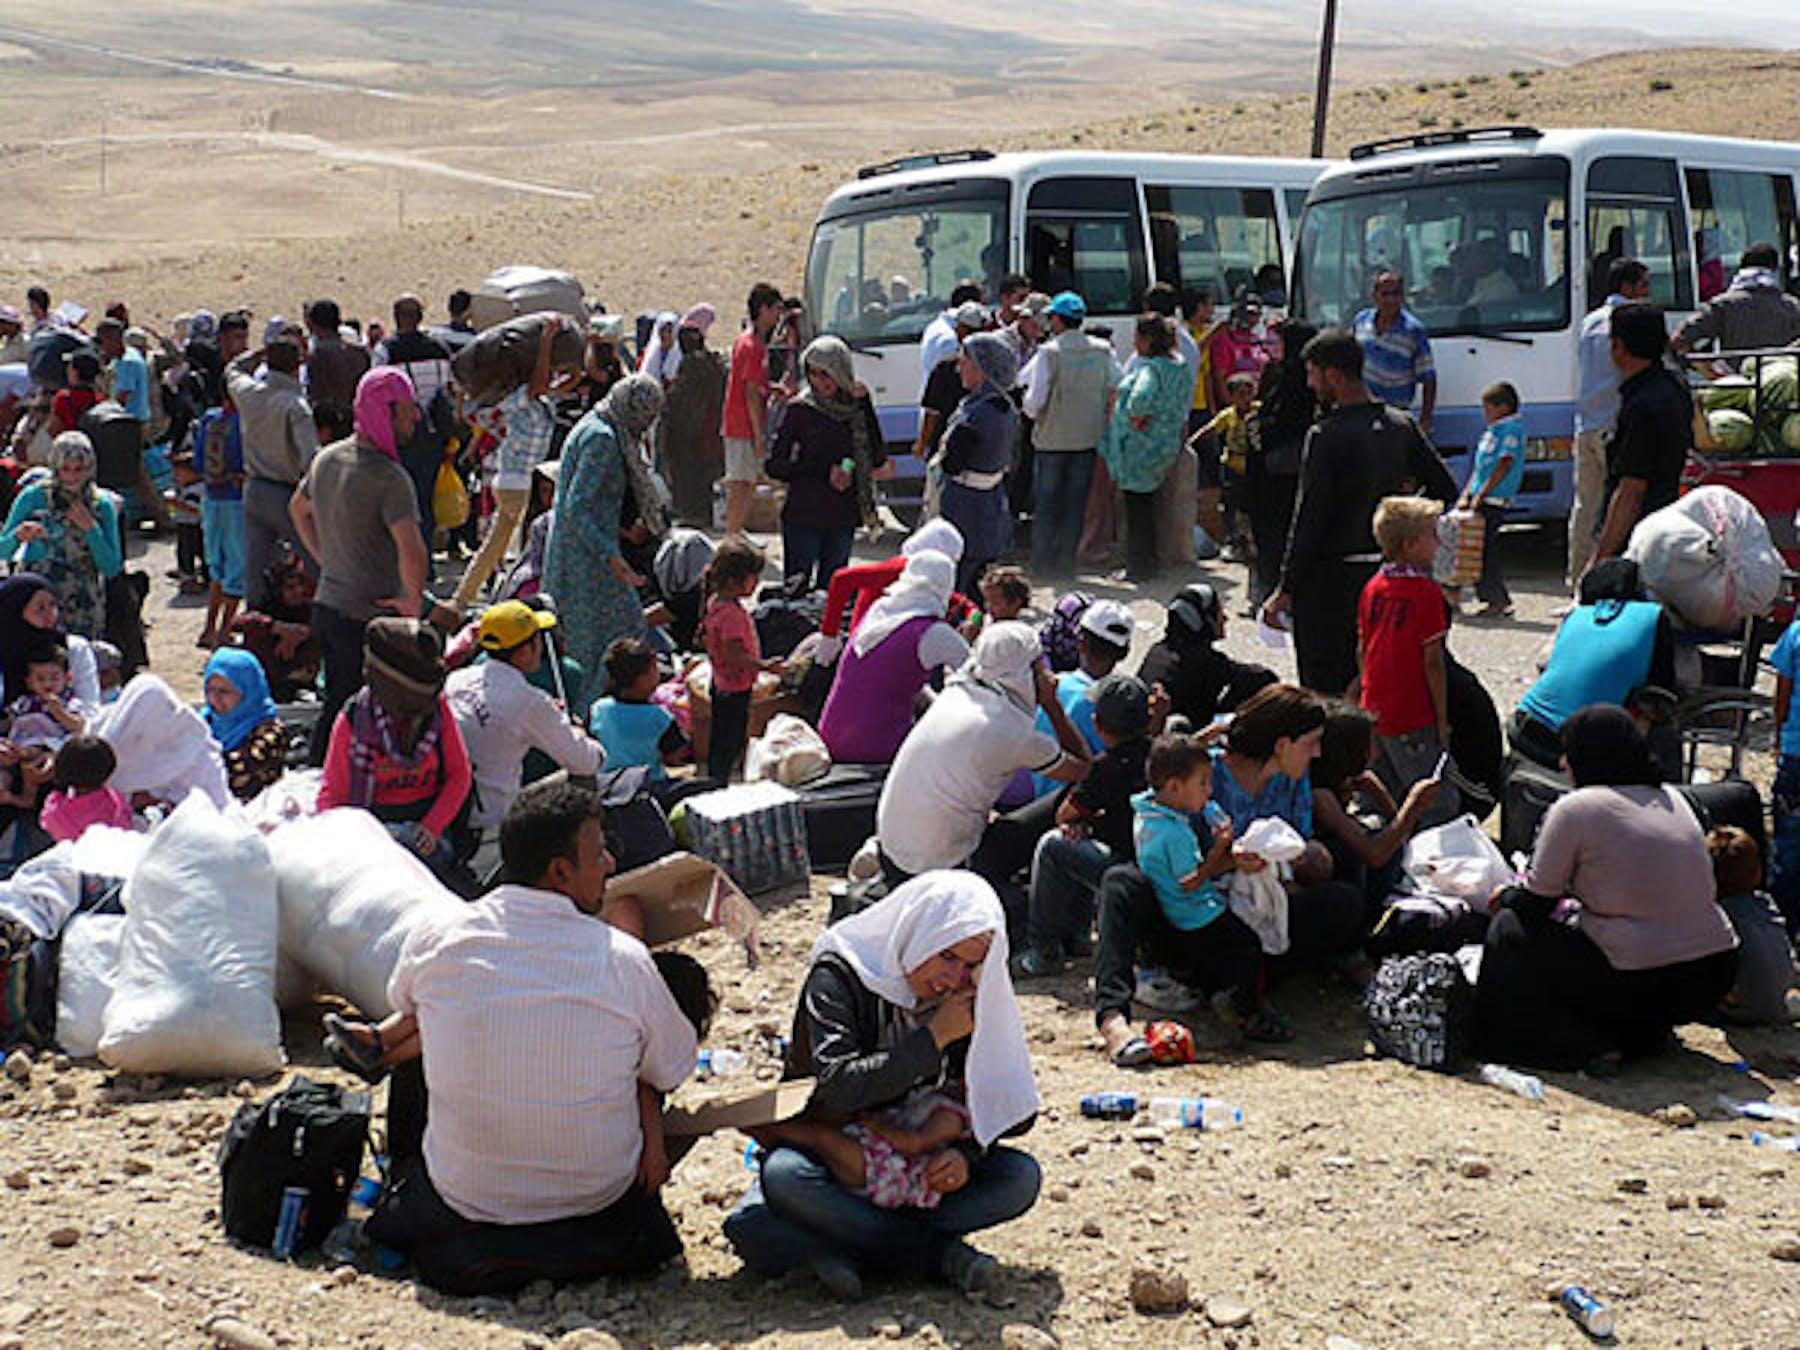 Sempre più spesso bambini non accompagnati da adulti varcano la frontiera siriana - ©UNICEF Iraq/2013/Marshall Tuck